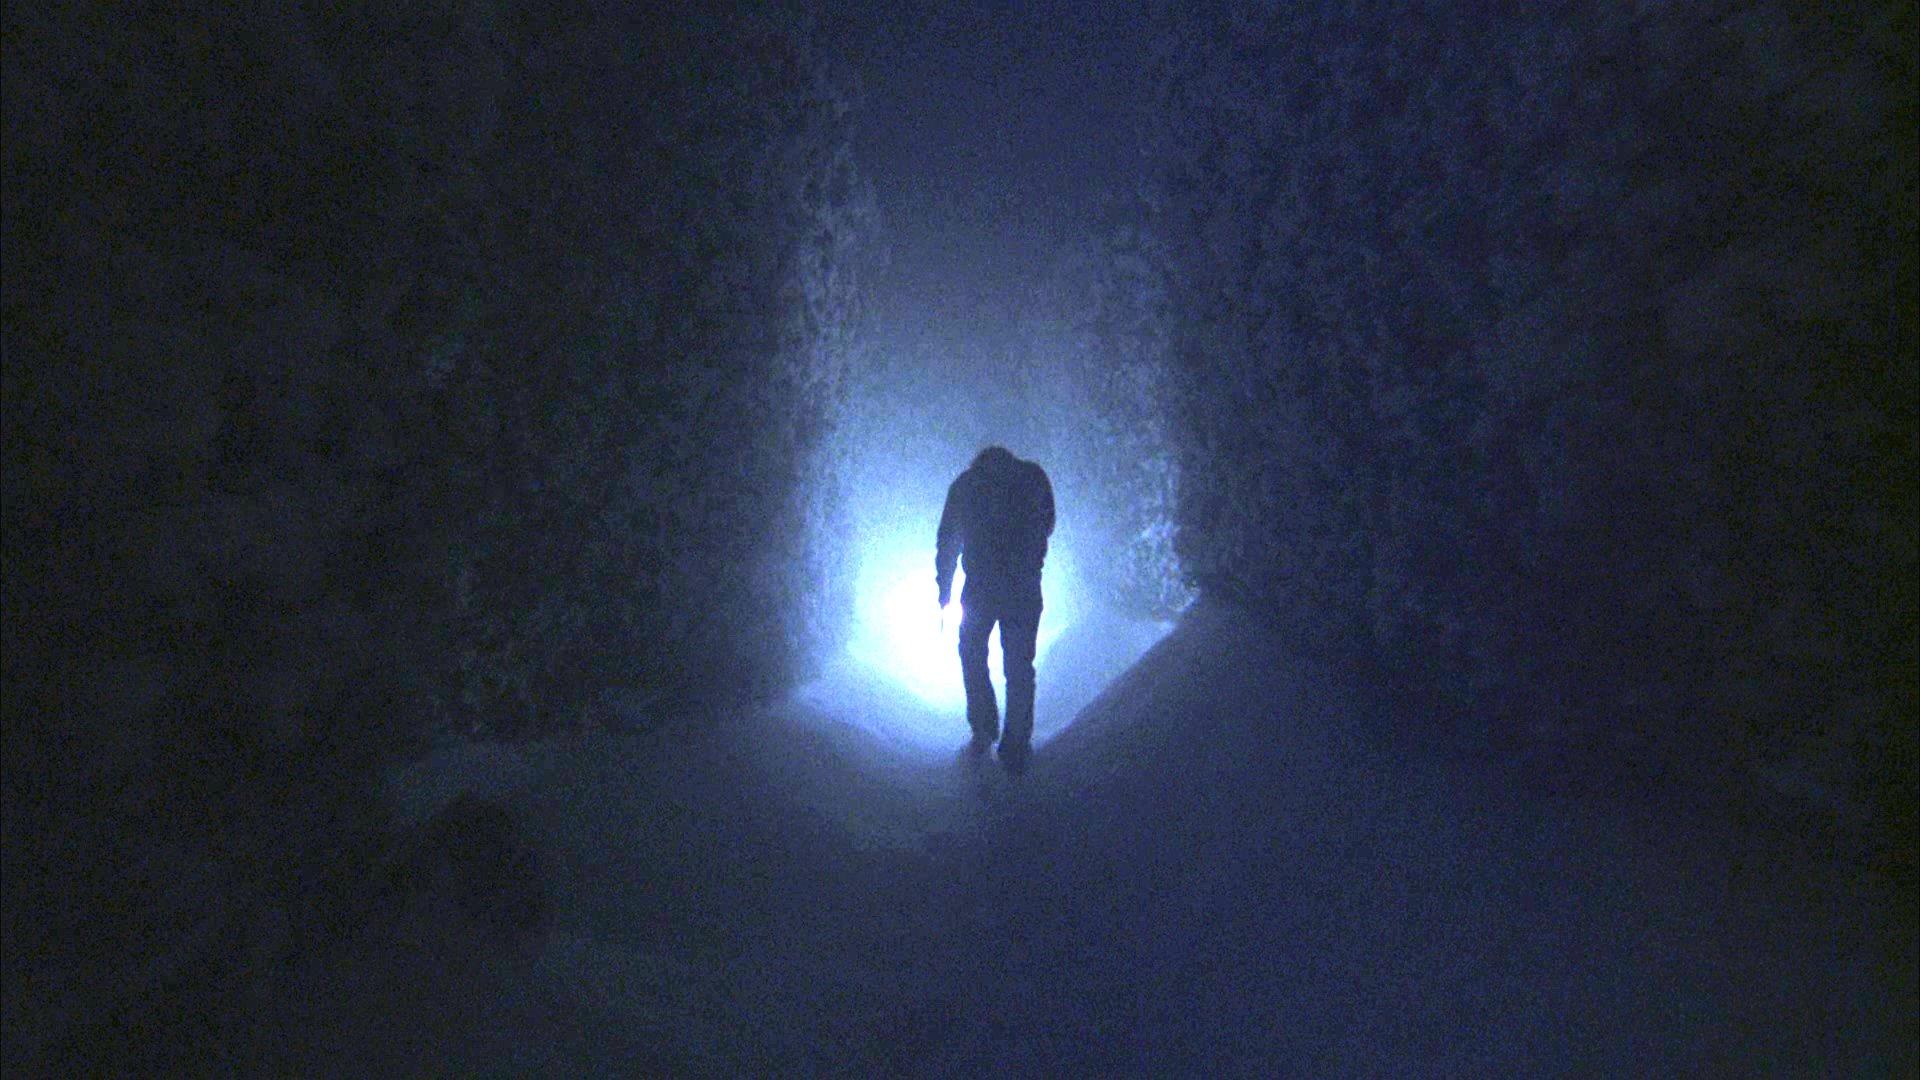 THE SHINING Horror Thriller Dark Movie Film Mood Winter Snow Wallpaper